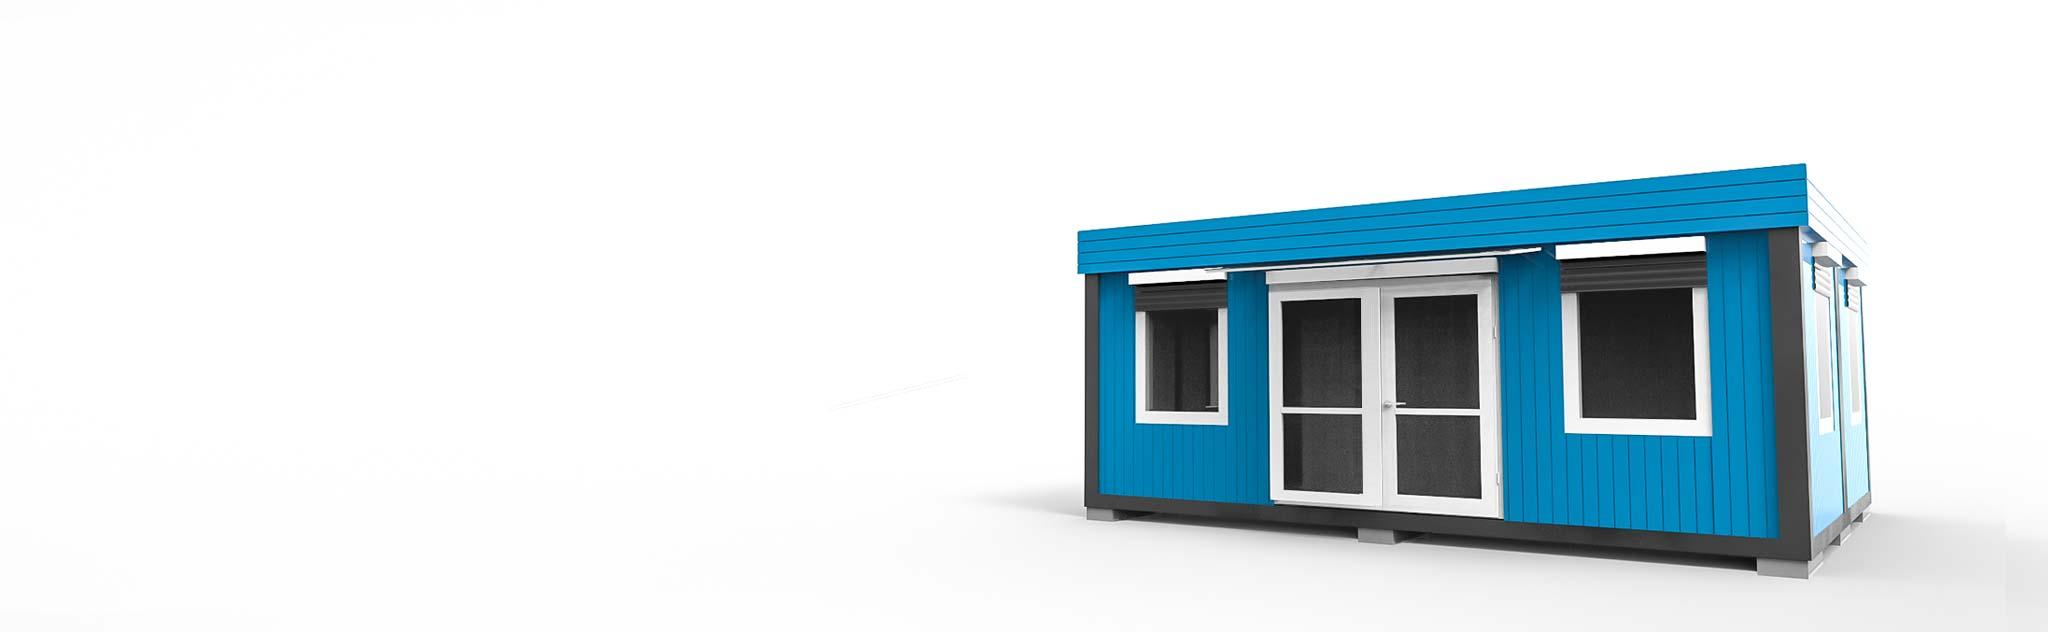 Willkommen bei Conliving! Hier finden Sie Ihren richtigen Wohn-, Büro- oder Verkaufscontainer